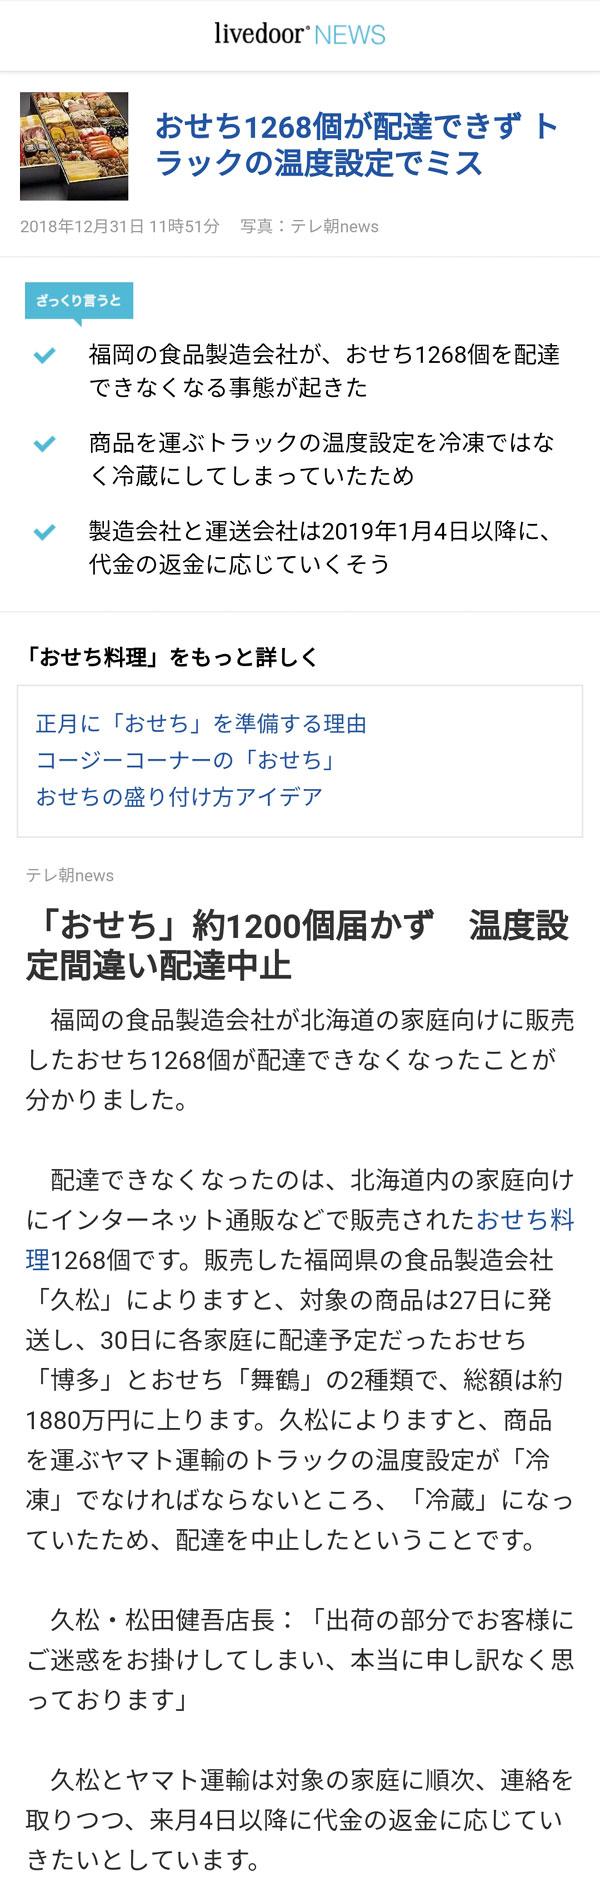 20190101osechi-owata